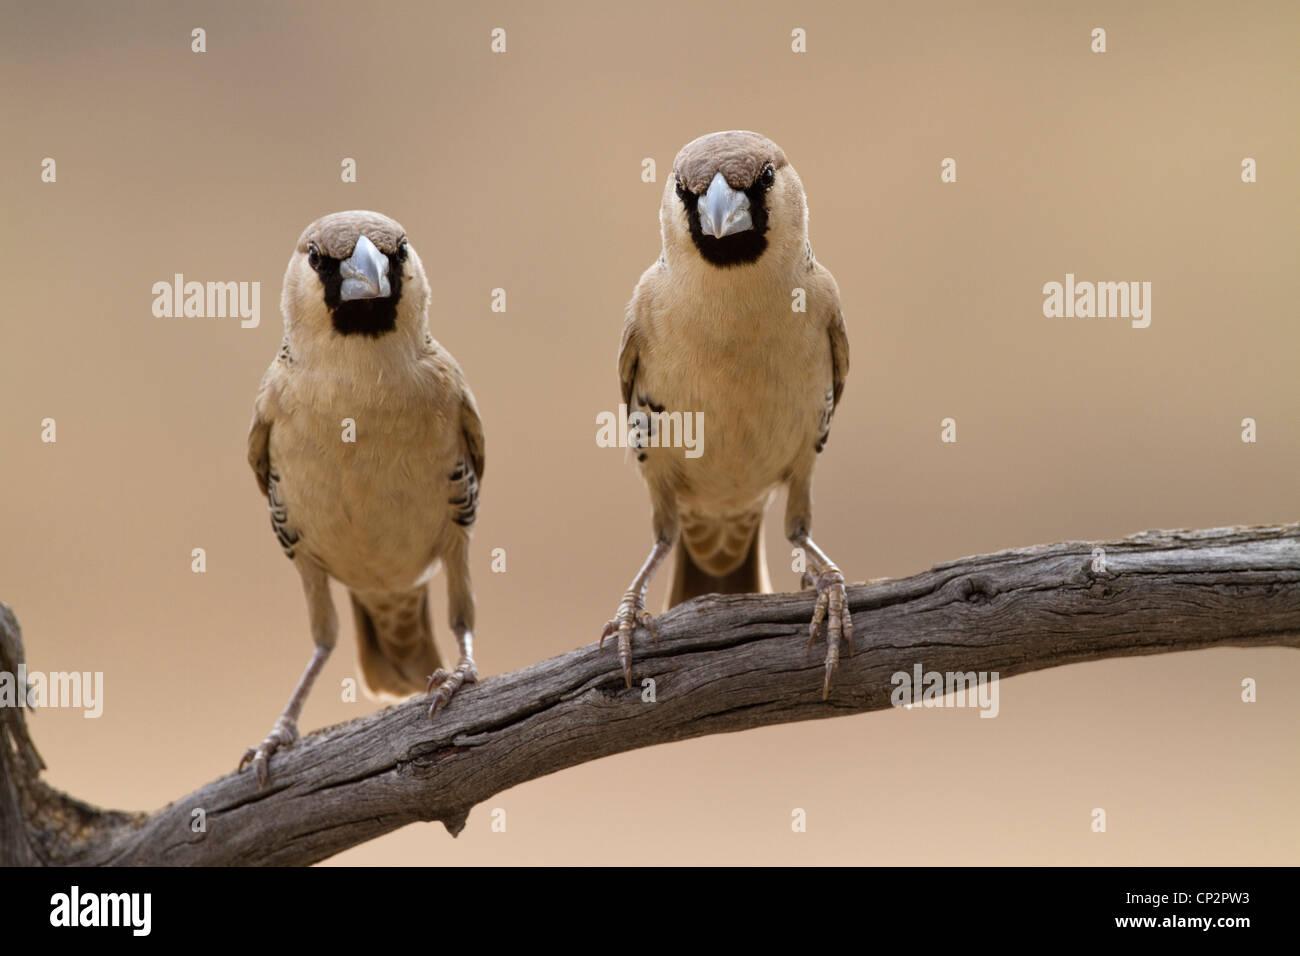 Dos aves tejedor sociable posado uno al lado del otro en una sucursal Imagen De Stock